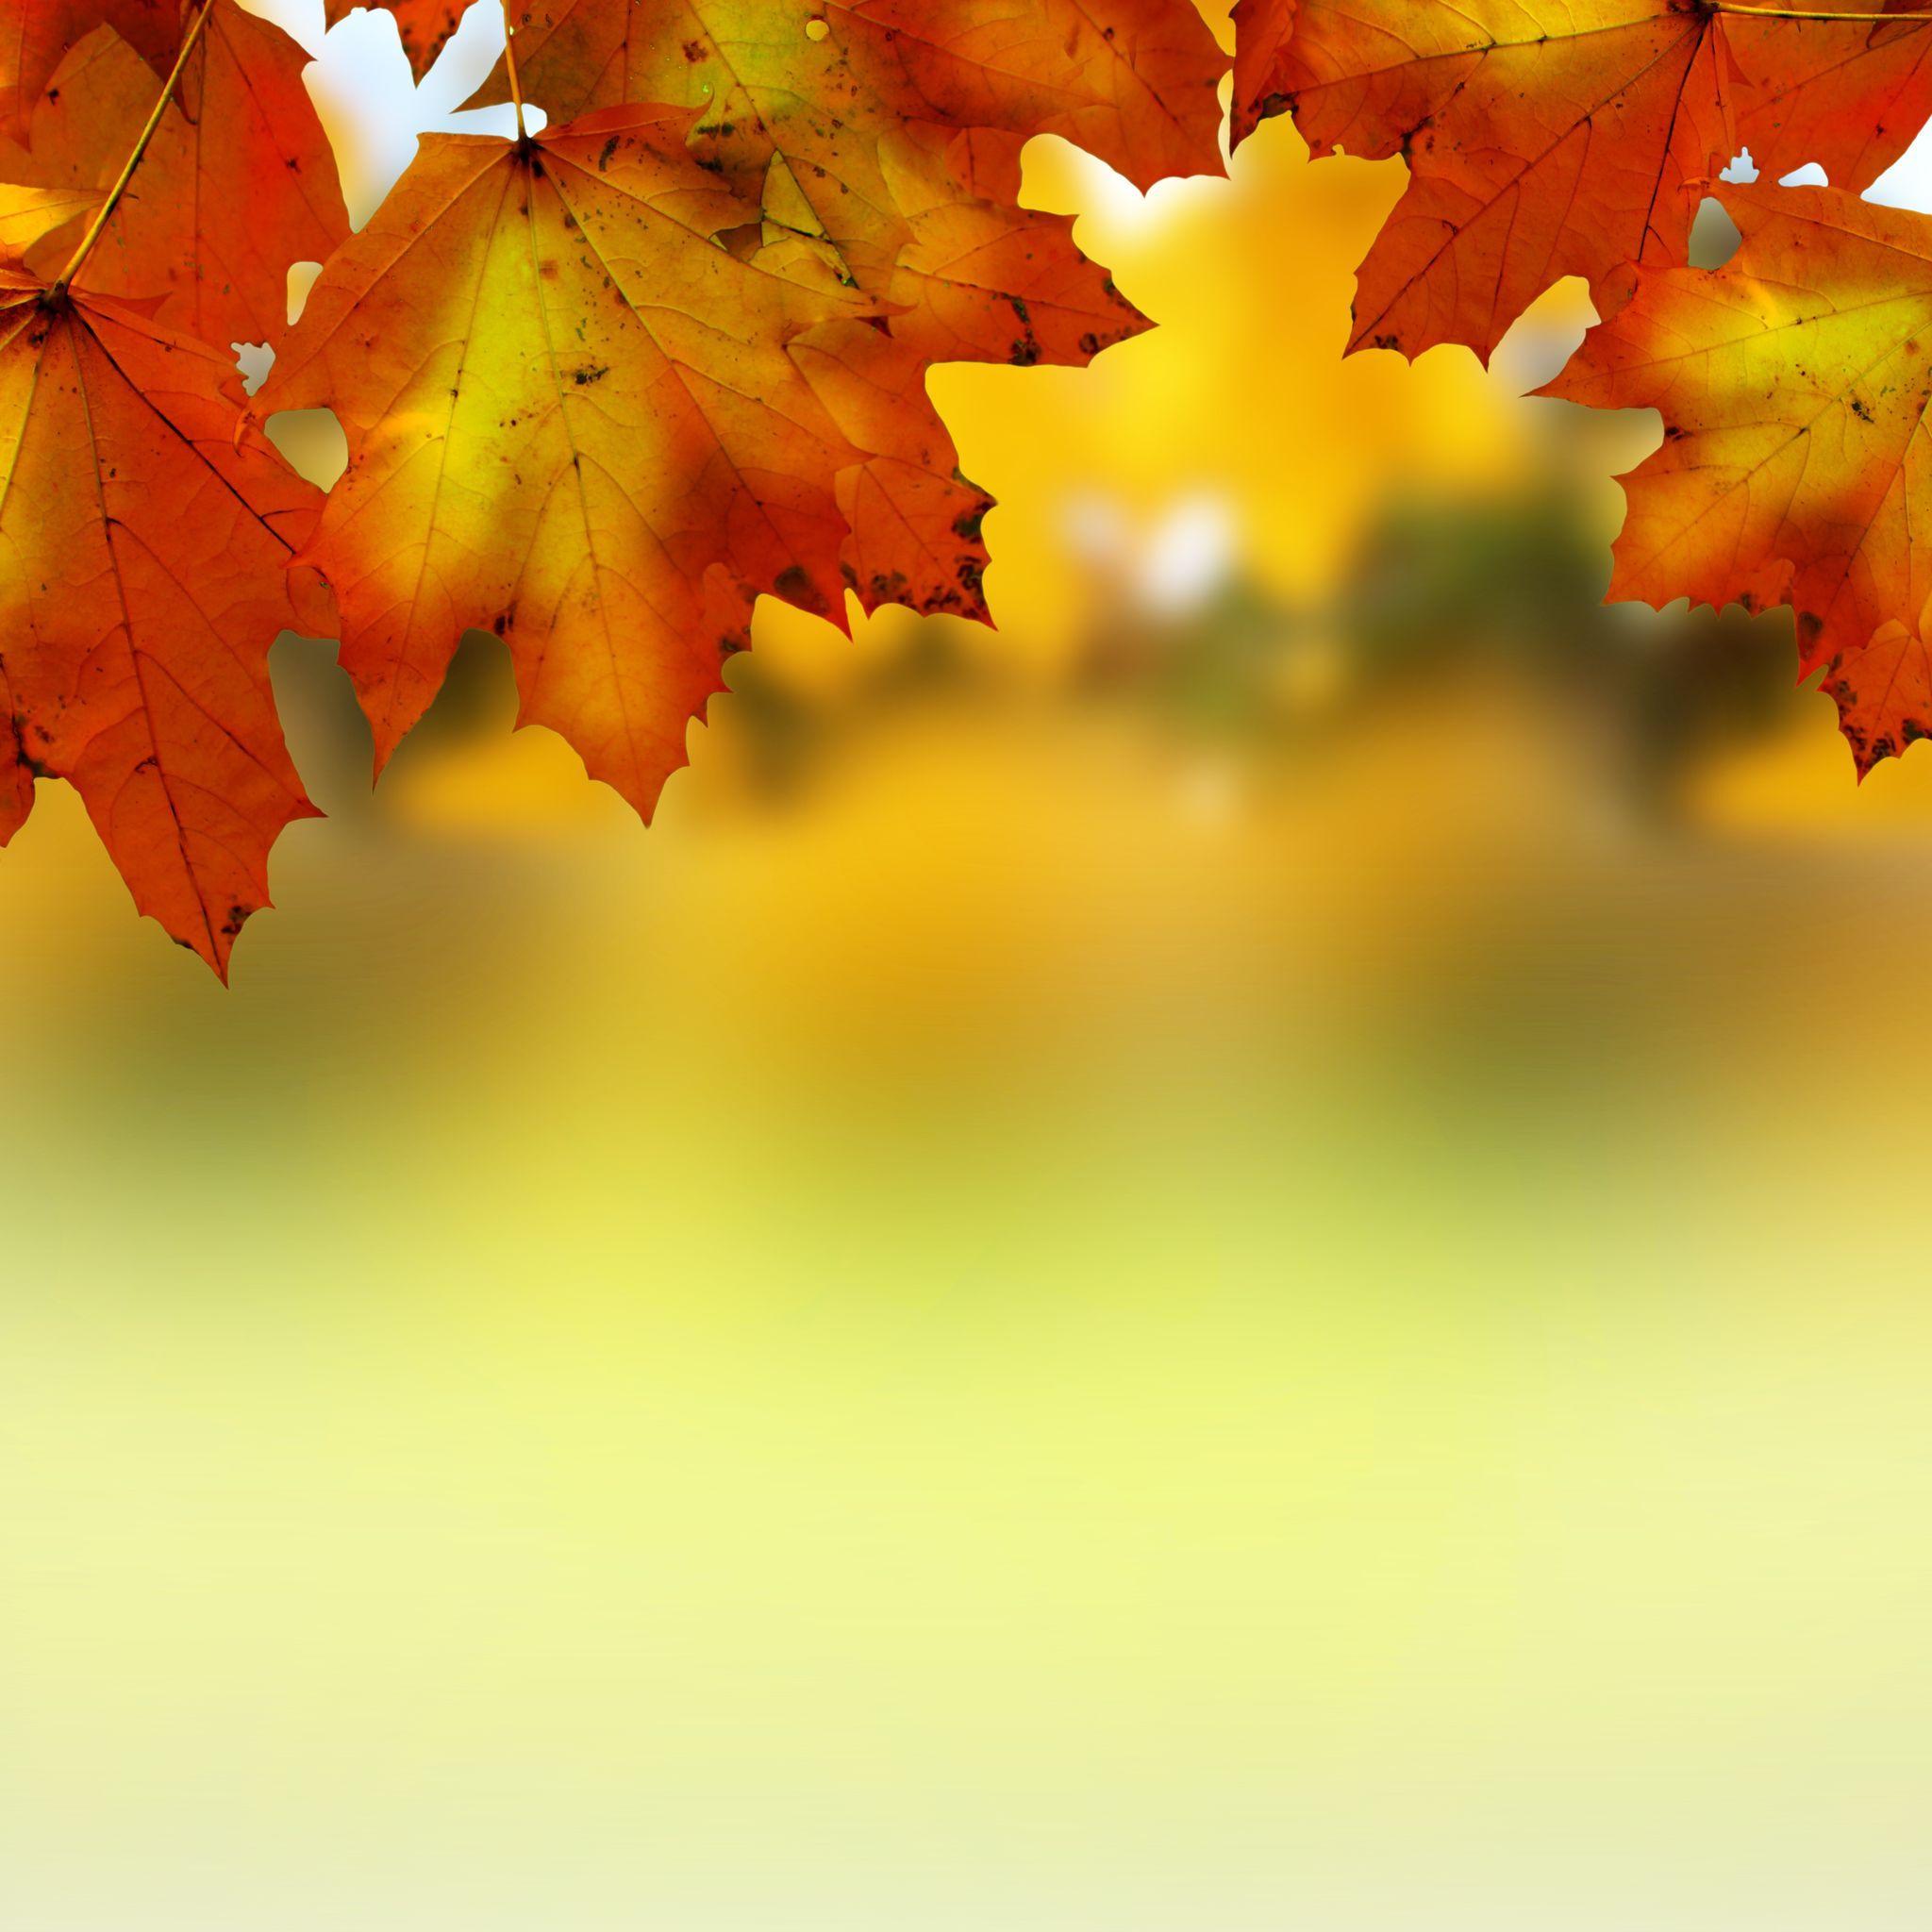 Autumn Leaves Sky September October November Bye Summer Wallpaper Wallpapers